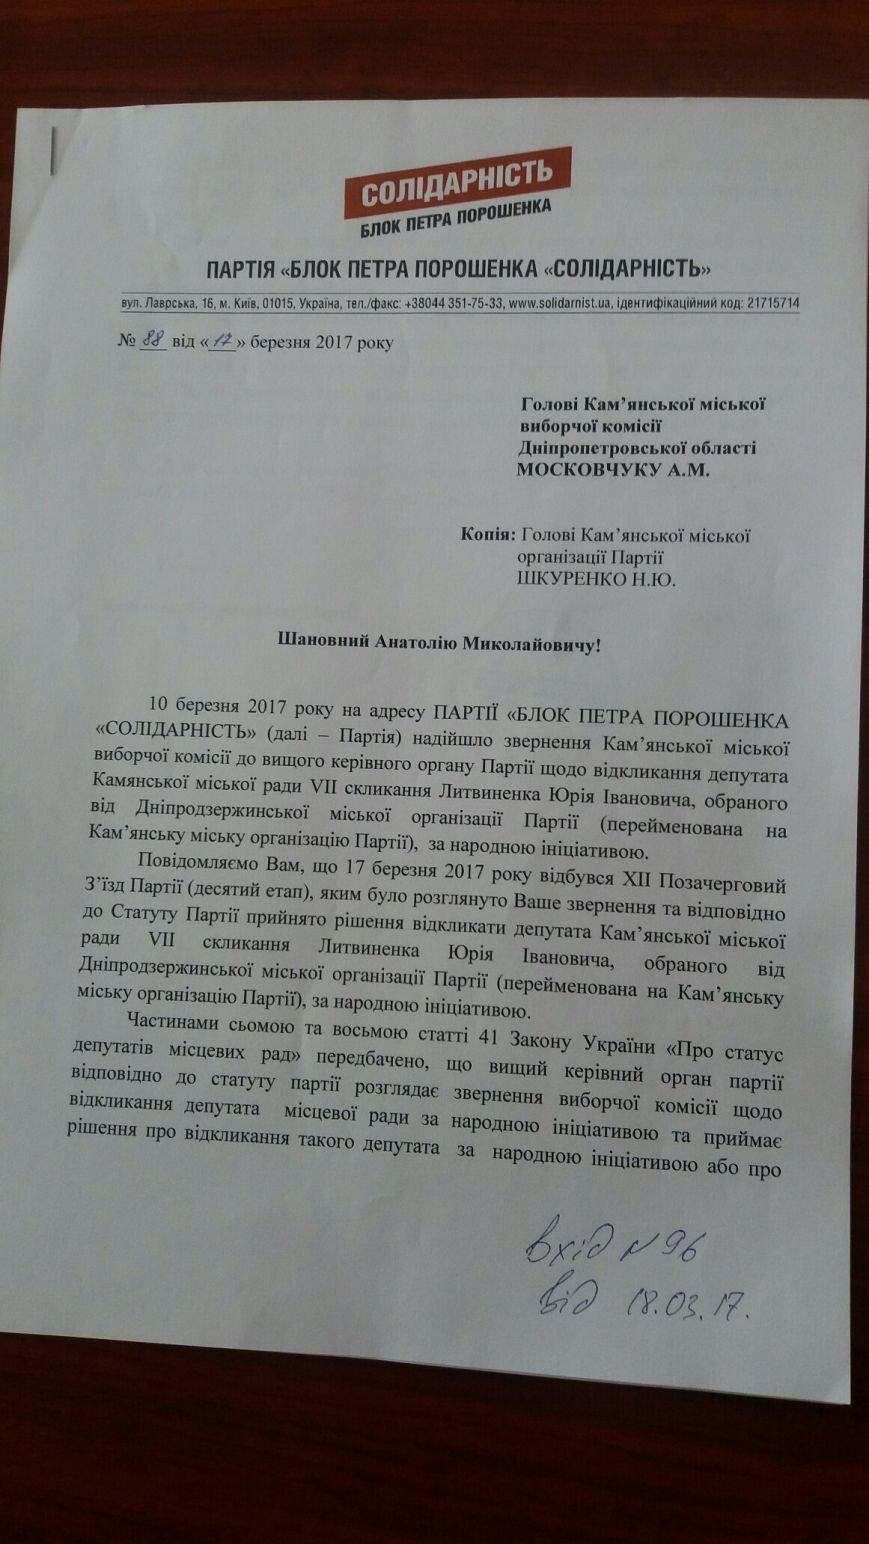 В Каменском отозвали депутата Юрия Литвиненко, фото-4